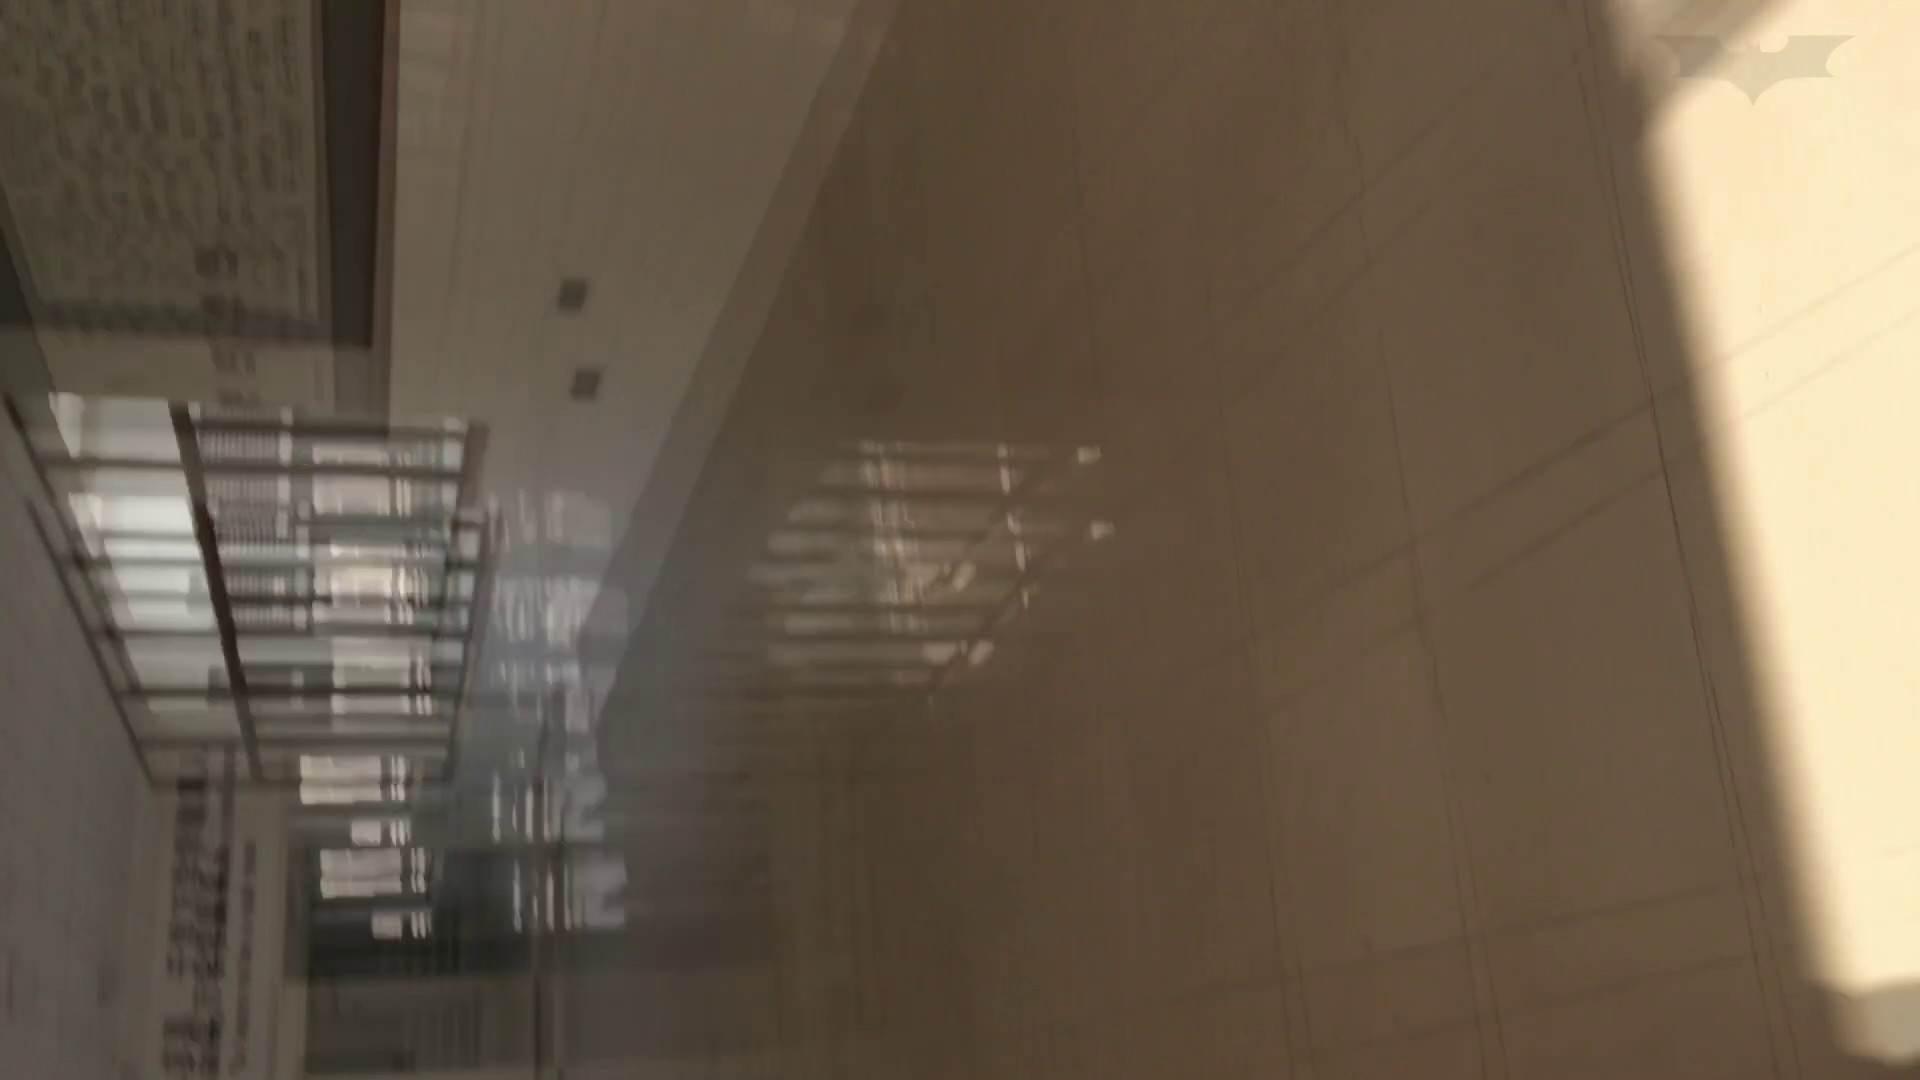 芸術大学ガチ潜入盗撮 JD盗撮 美女の洗面所の秘密 Vol.91 洗面所着替え | トイレ中  48連発 18